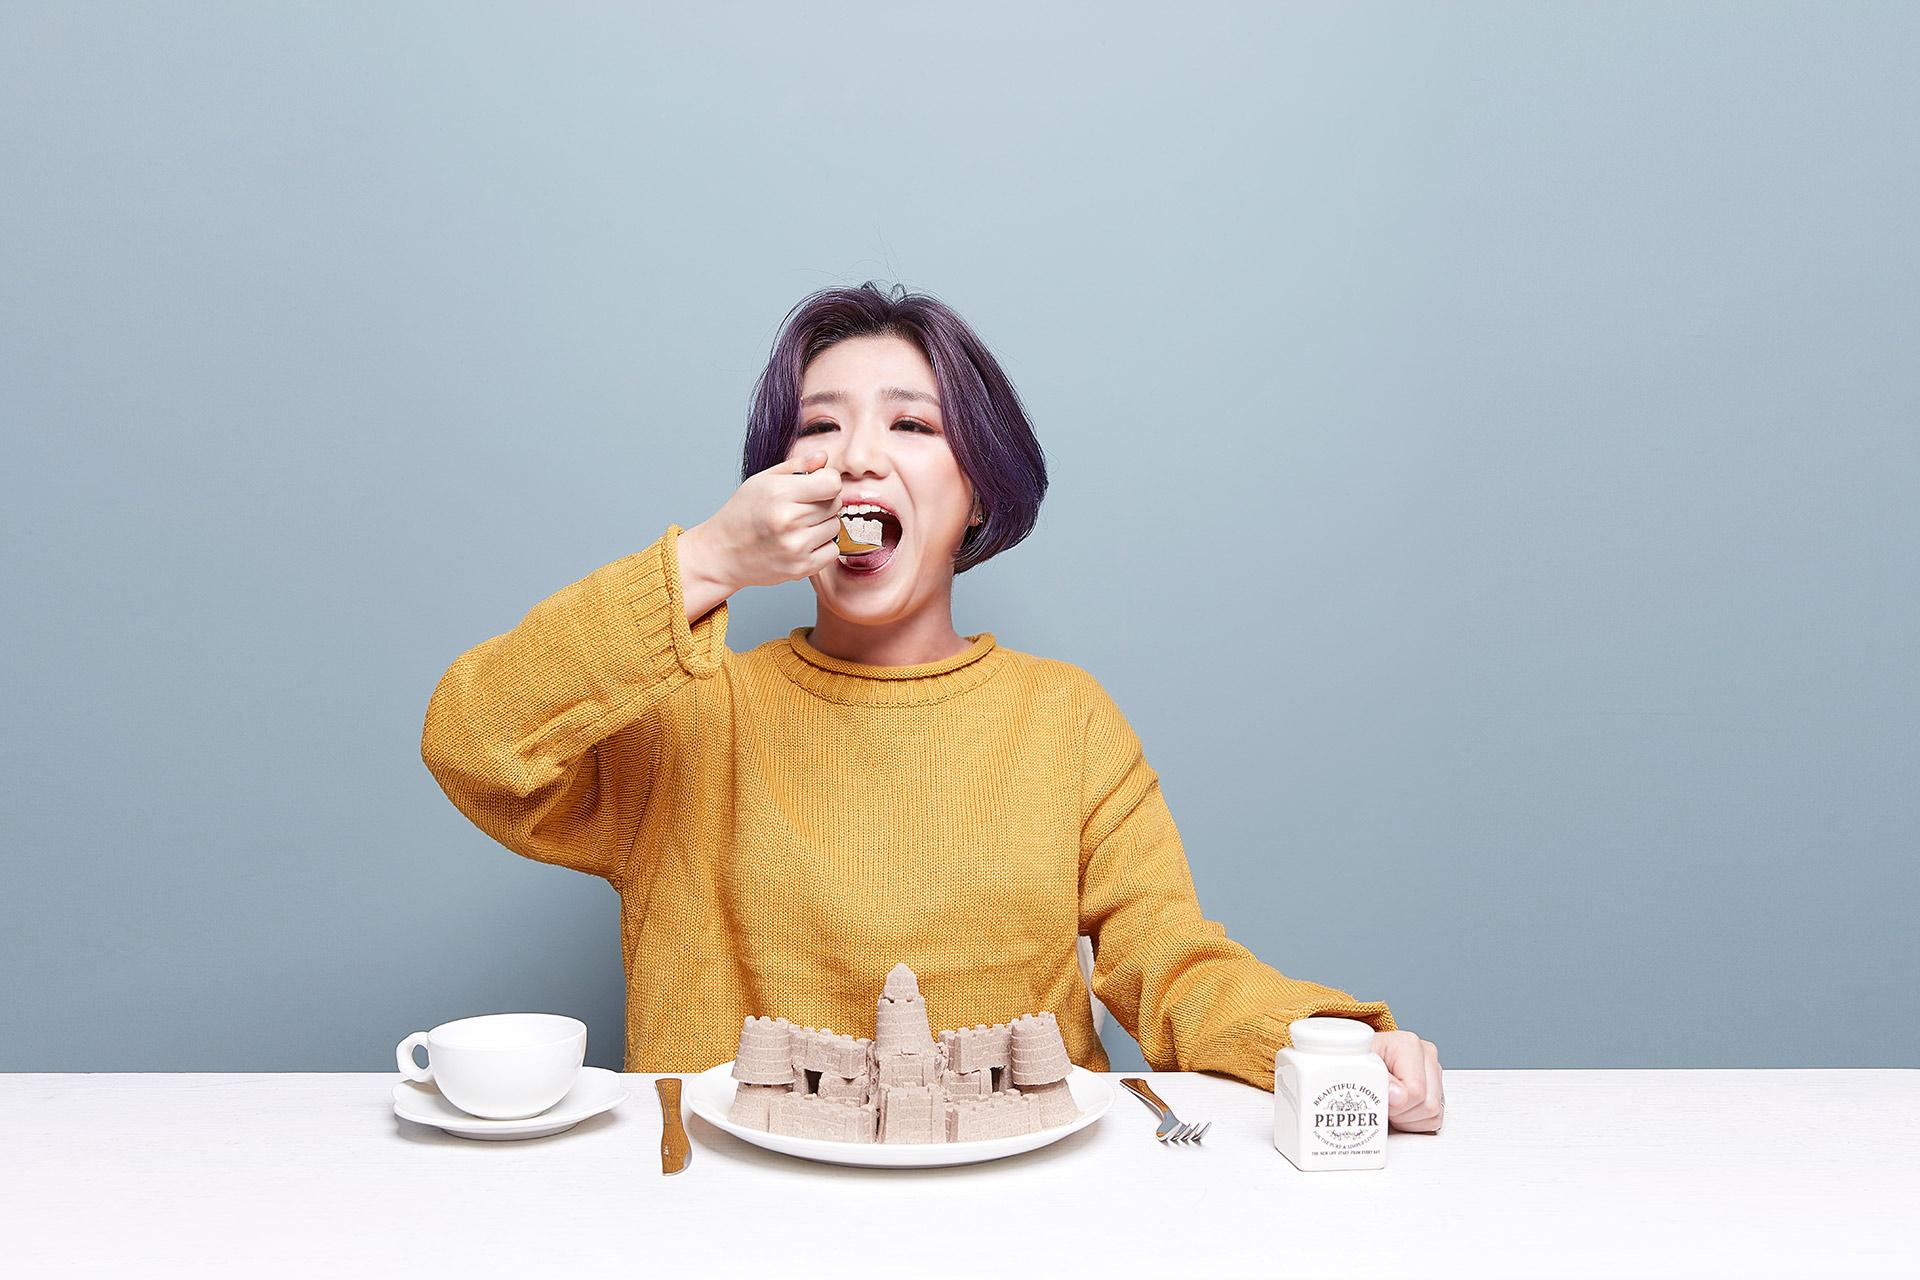 안예은,Ahn Ye Eun,Kpop,star,포토그래퍼,김만철,Korea,Photographer,Manchul Kim